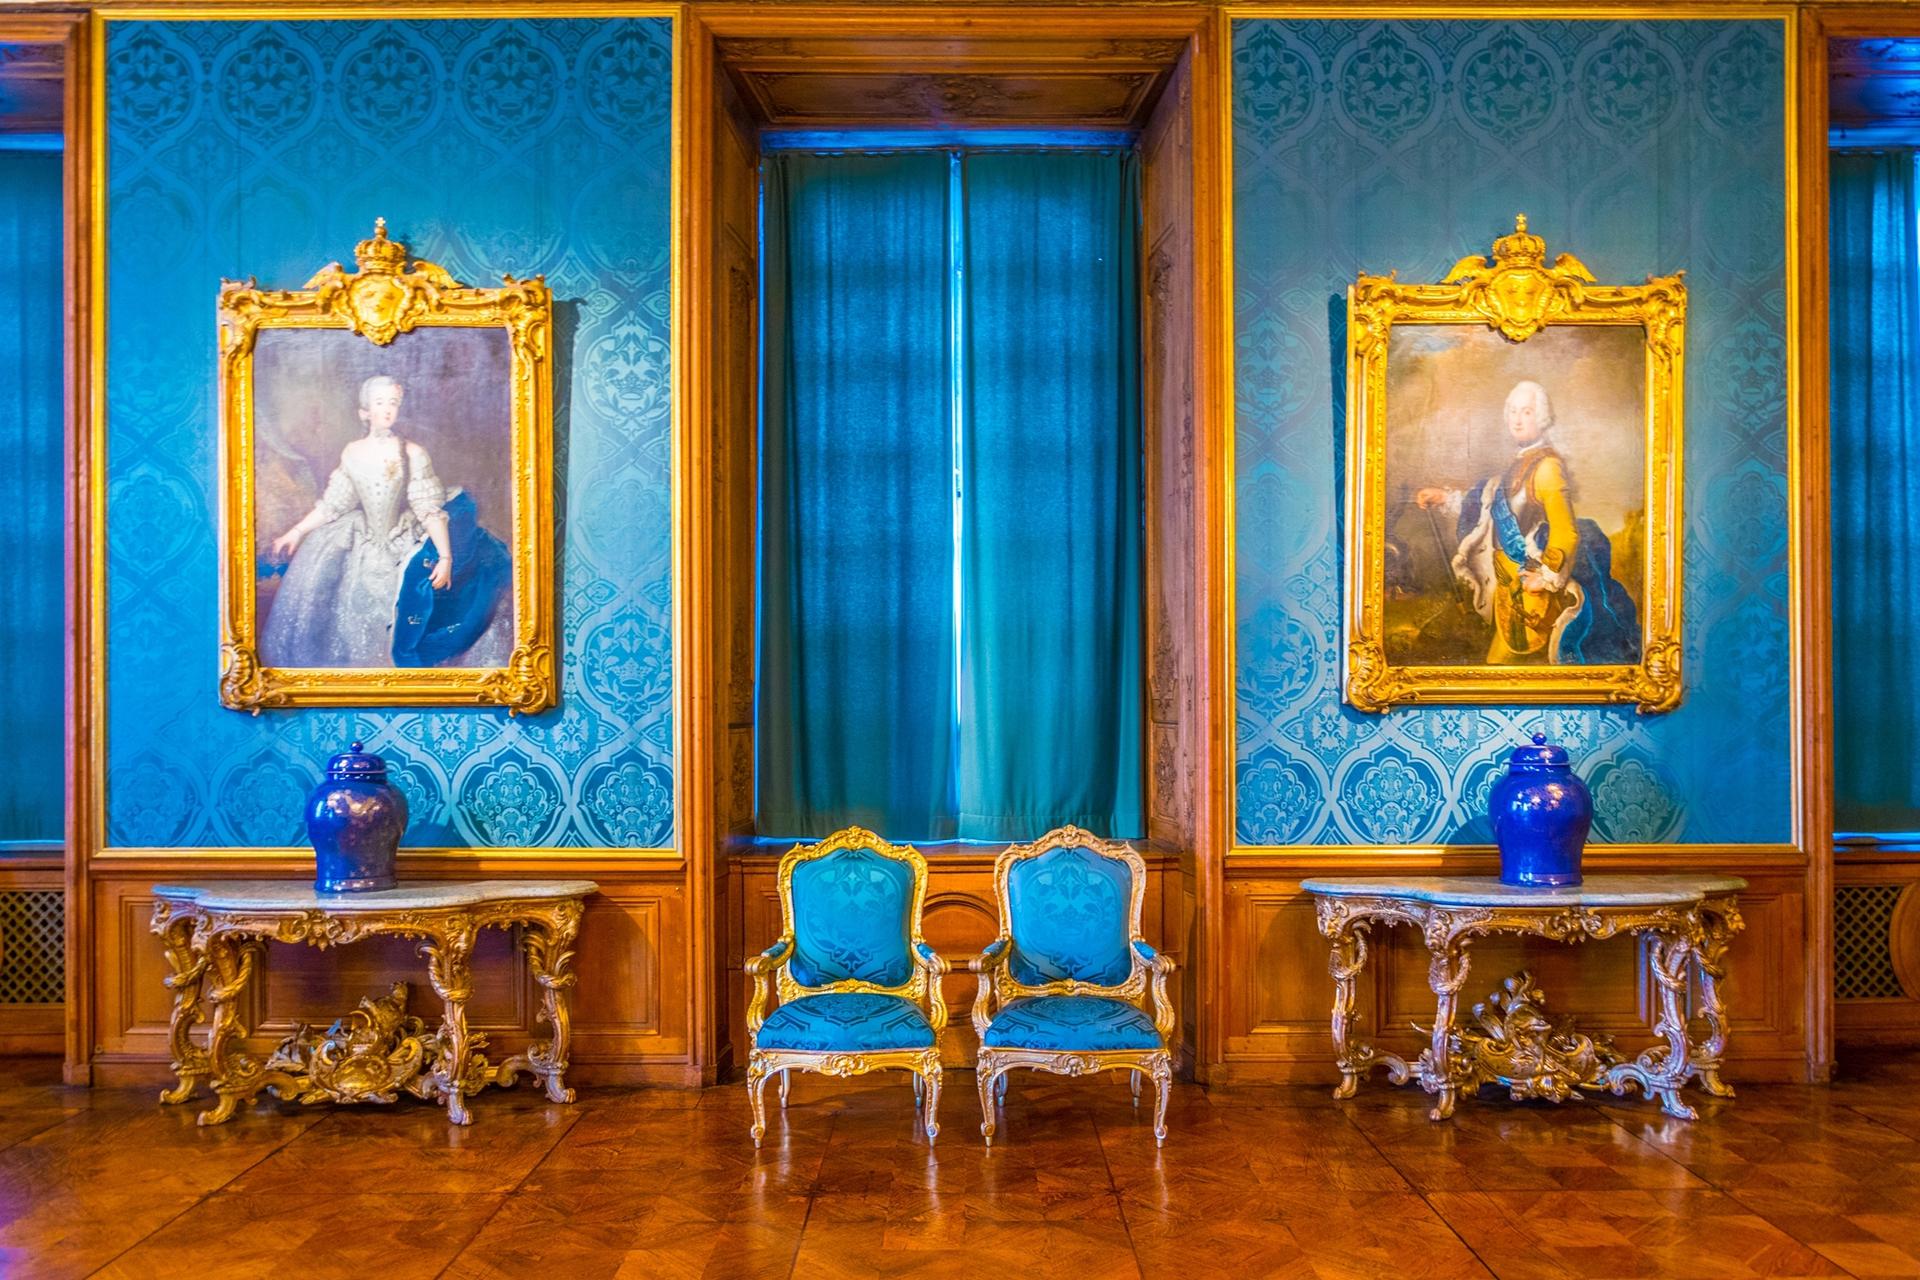 Uno de los tantos pasillos que se lucen en el Palacio Real de Estocolmo